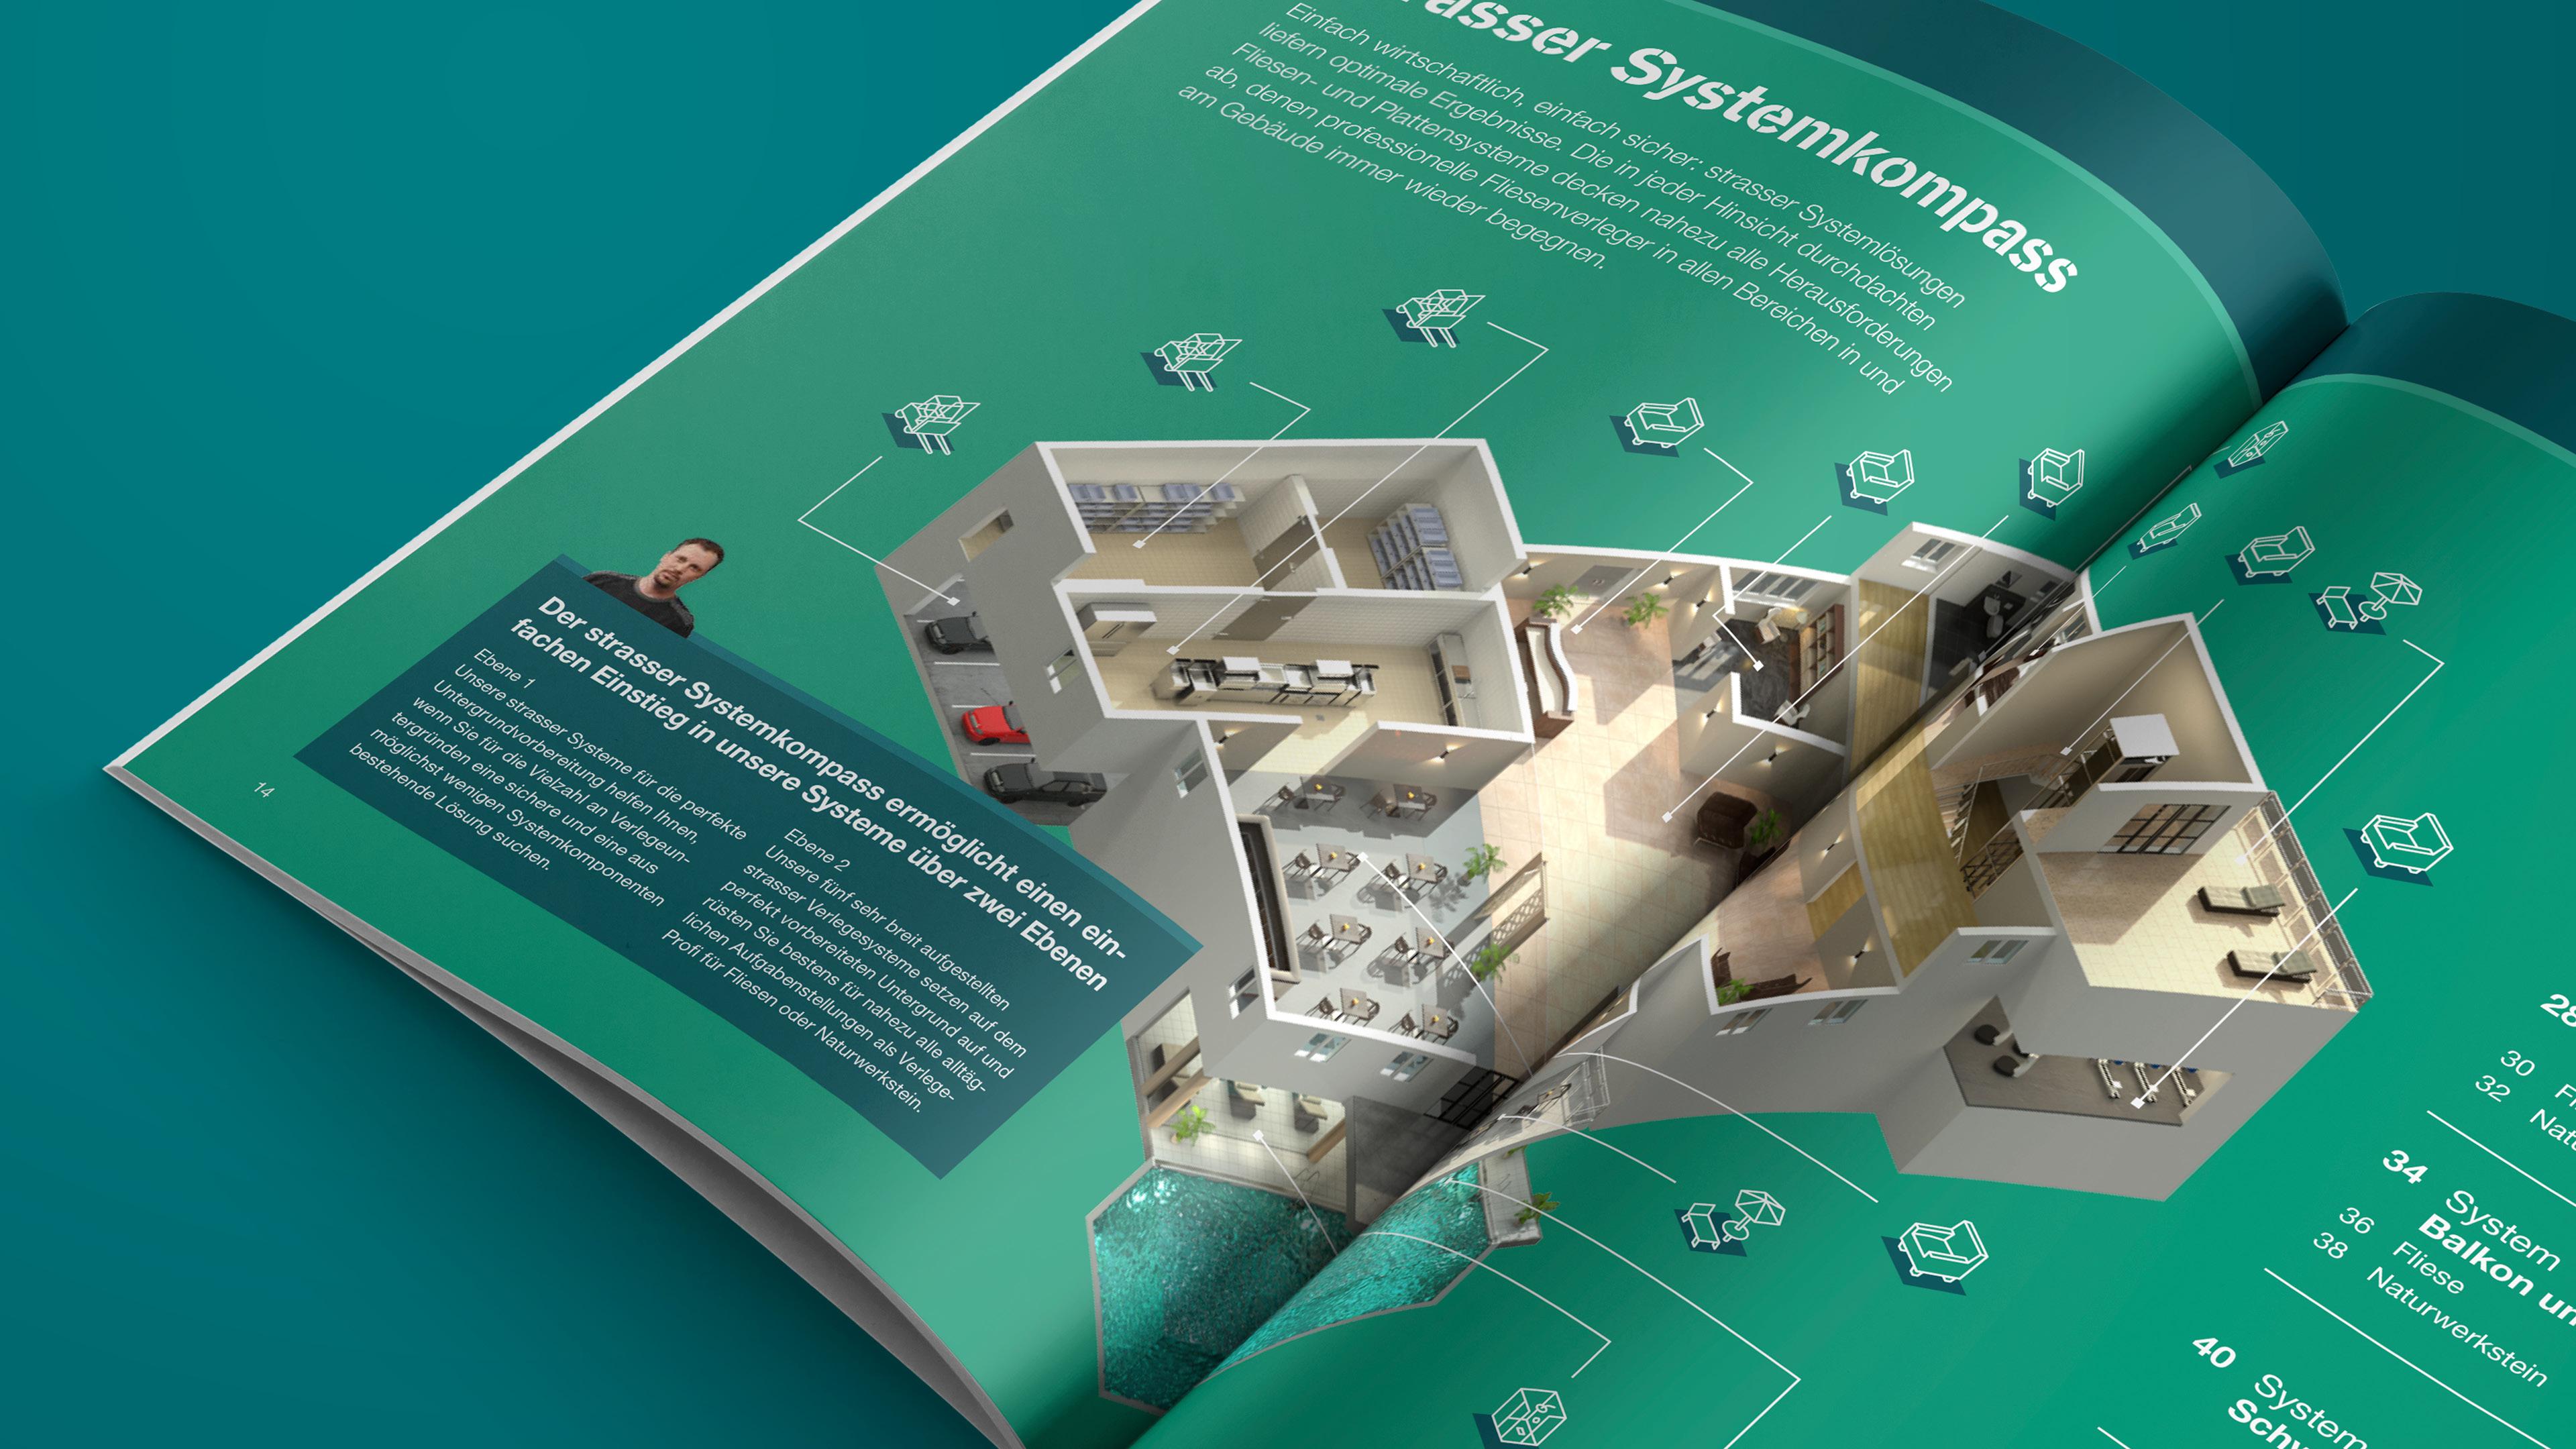 strasser Lieferpogramm Systemfinder